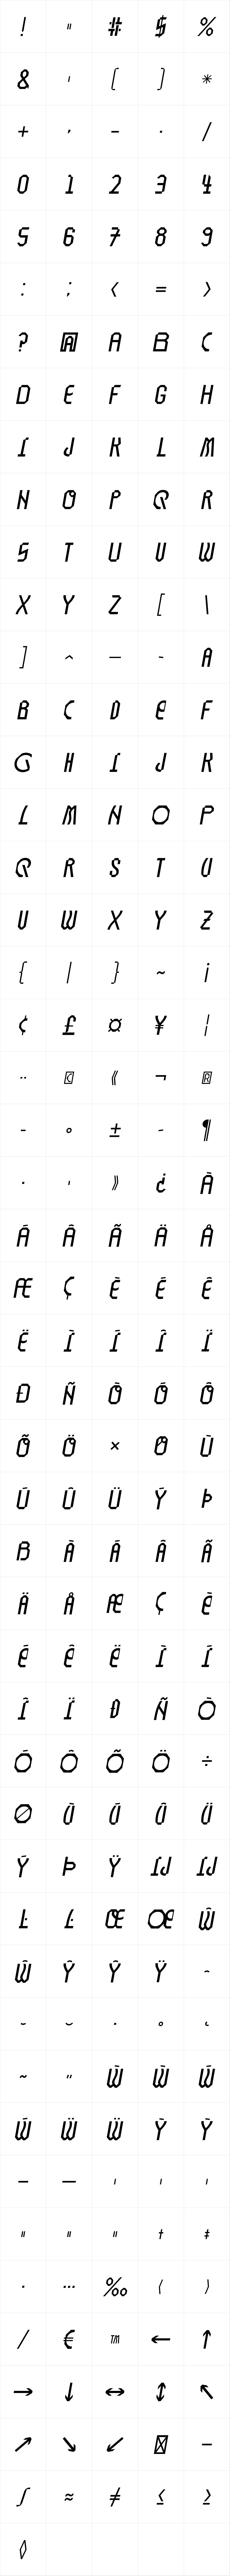 Phuc Medium Italic